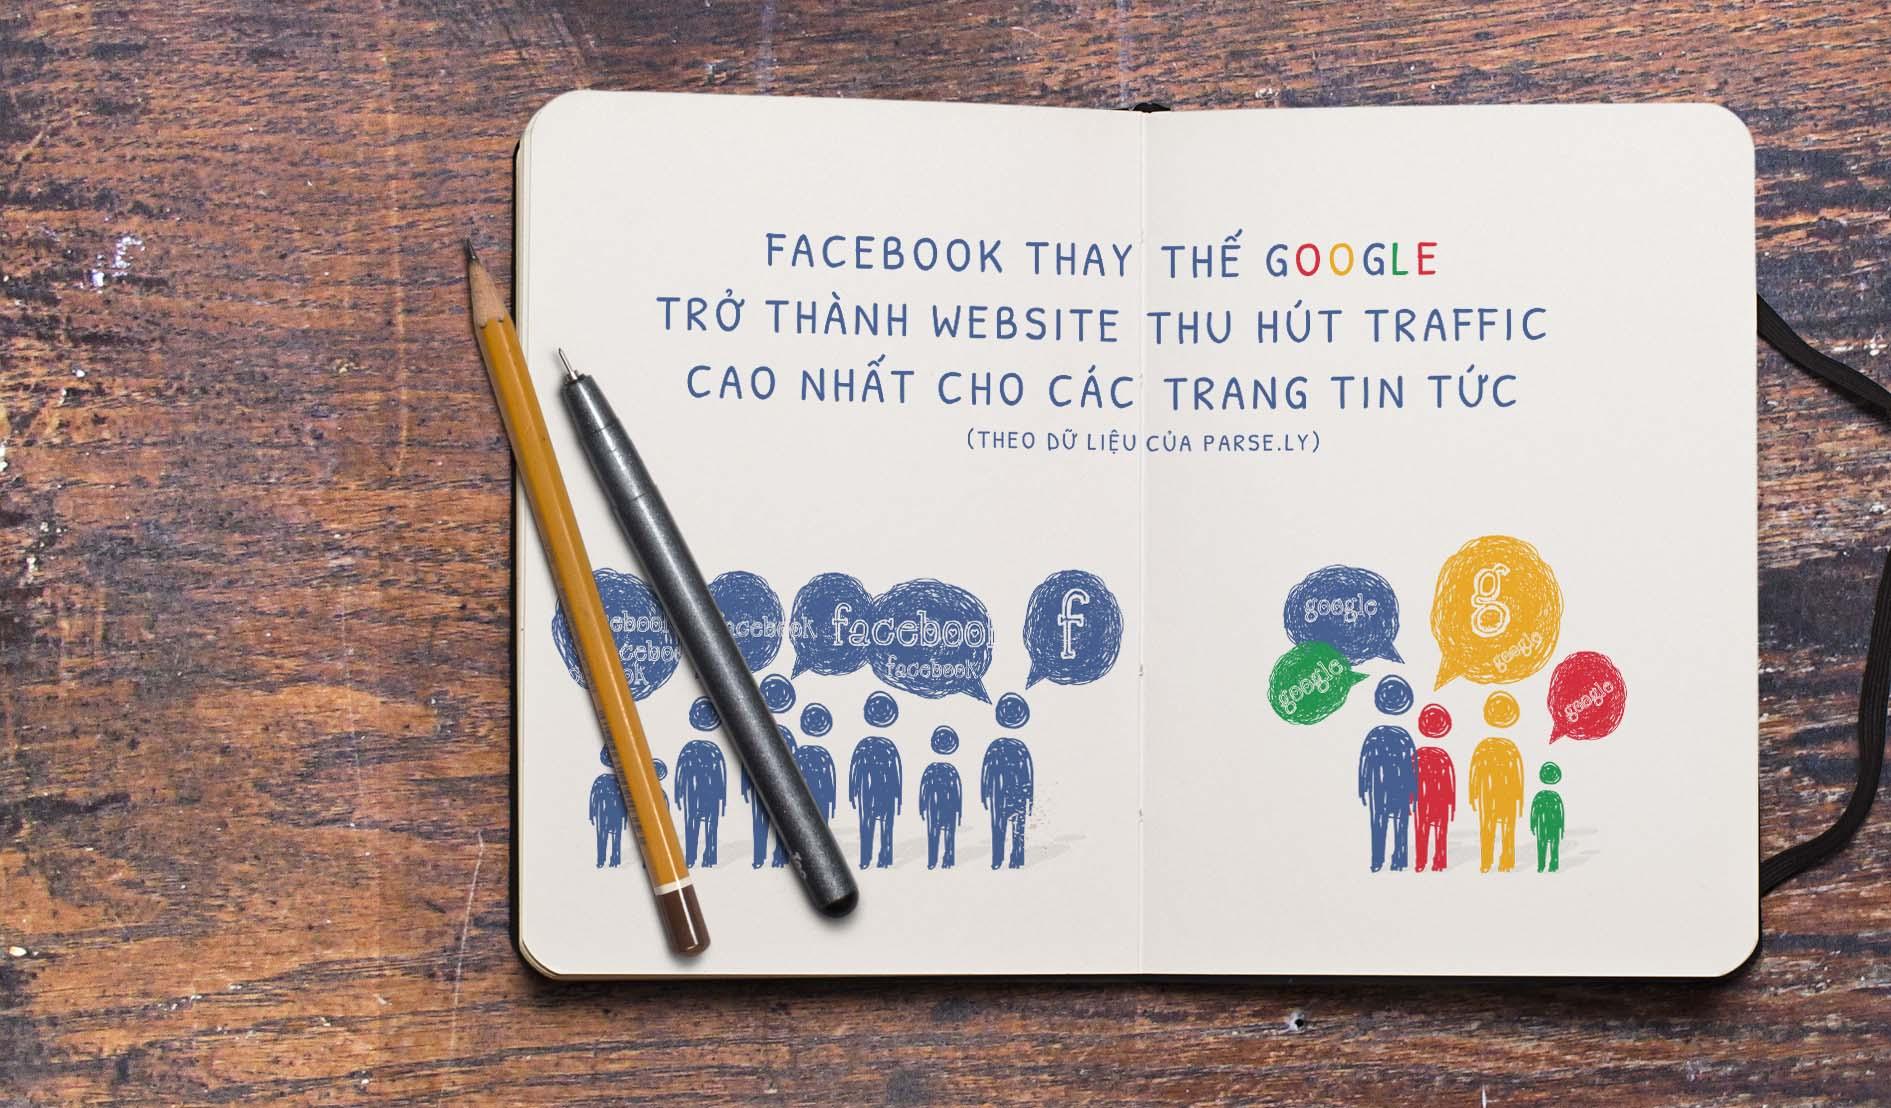 Facebook thay thế Google trở thành nguồn đẩy traffic cao nhất cho các website tin tức